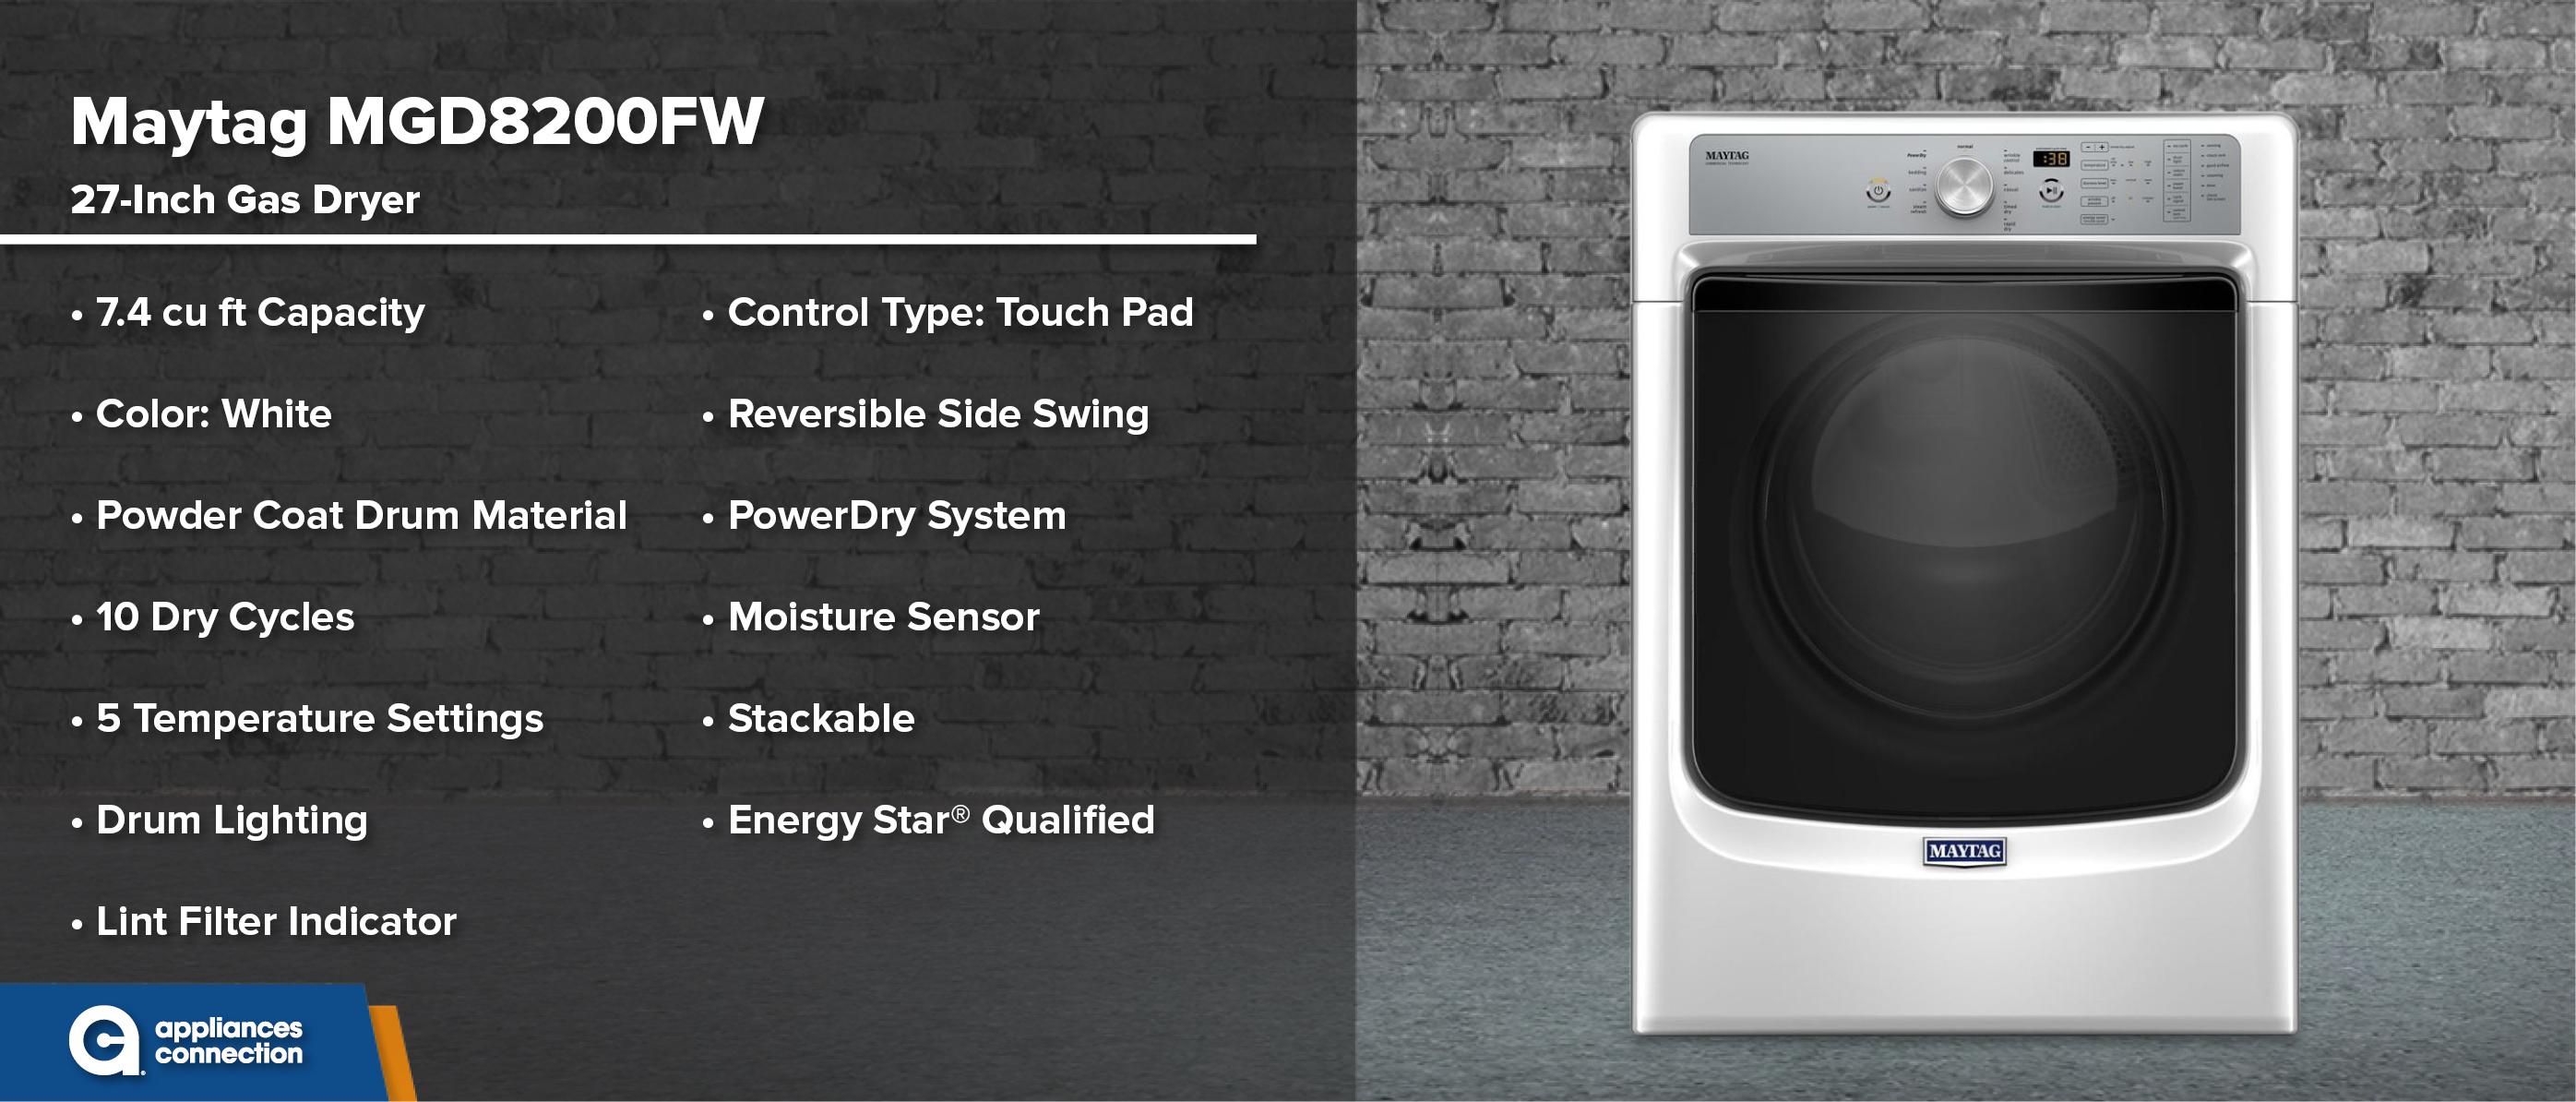 Maytag MGD8200FW 27-Inch Gas Dryer